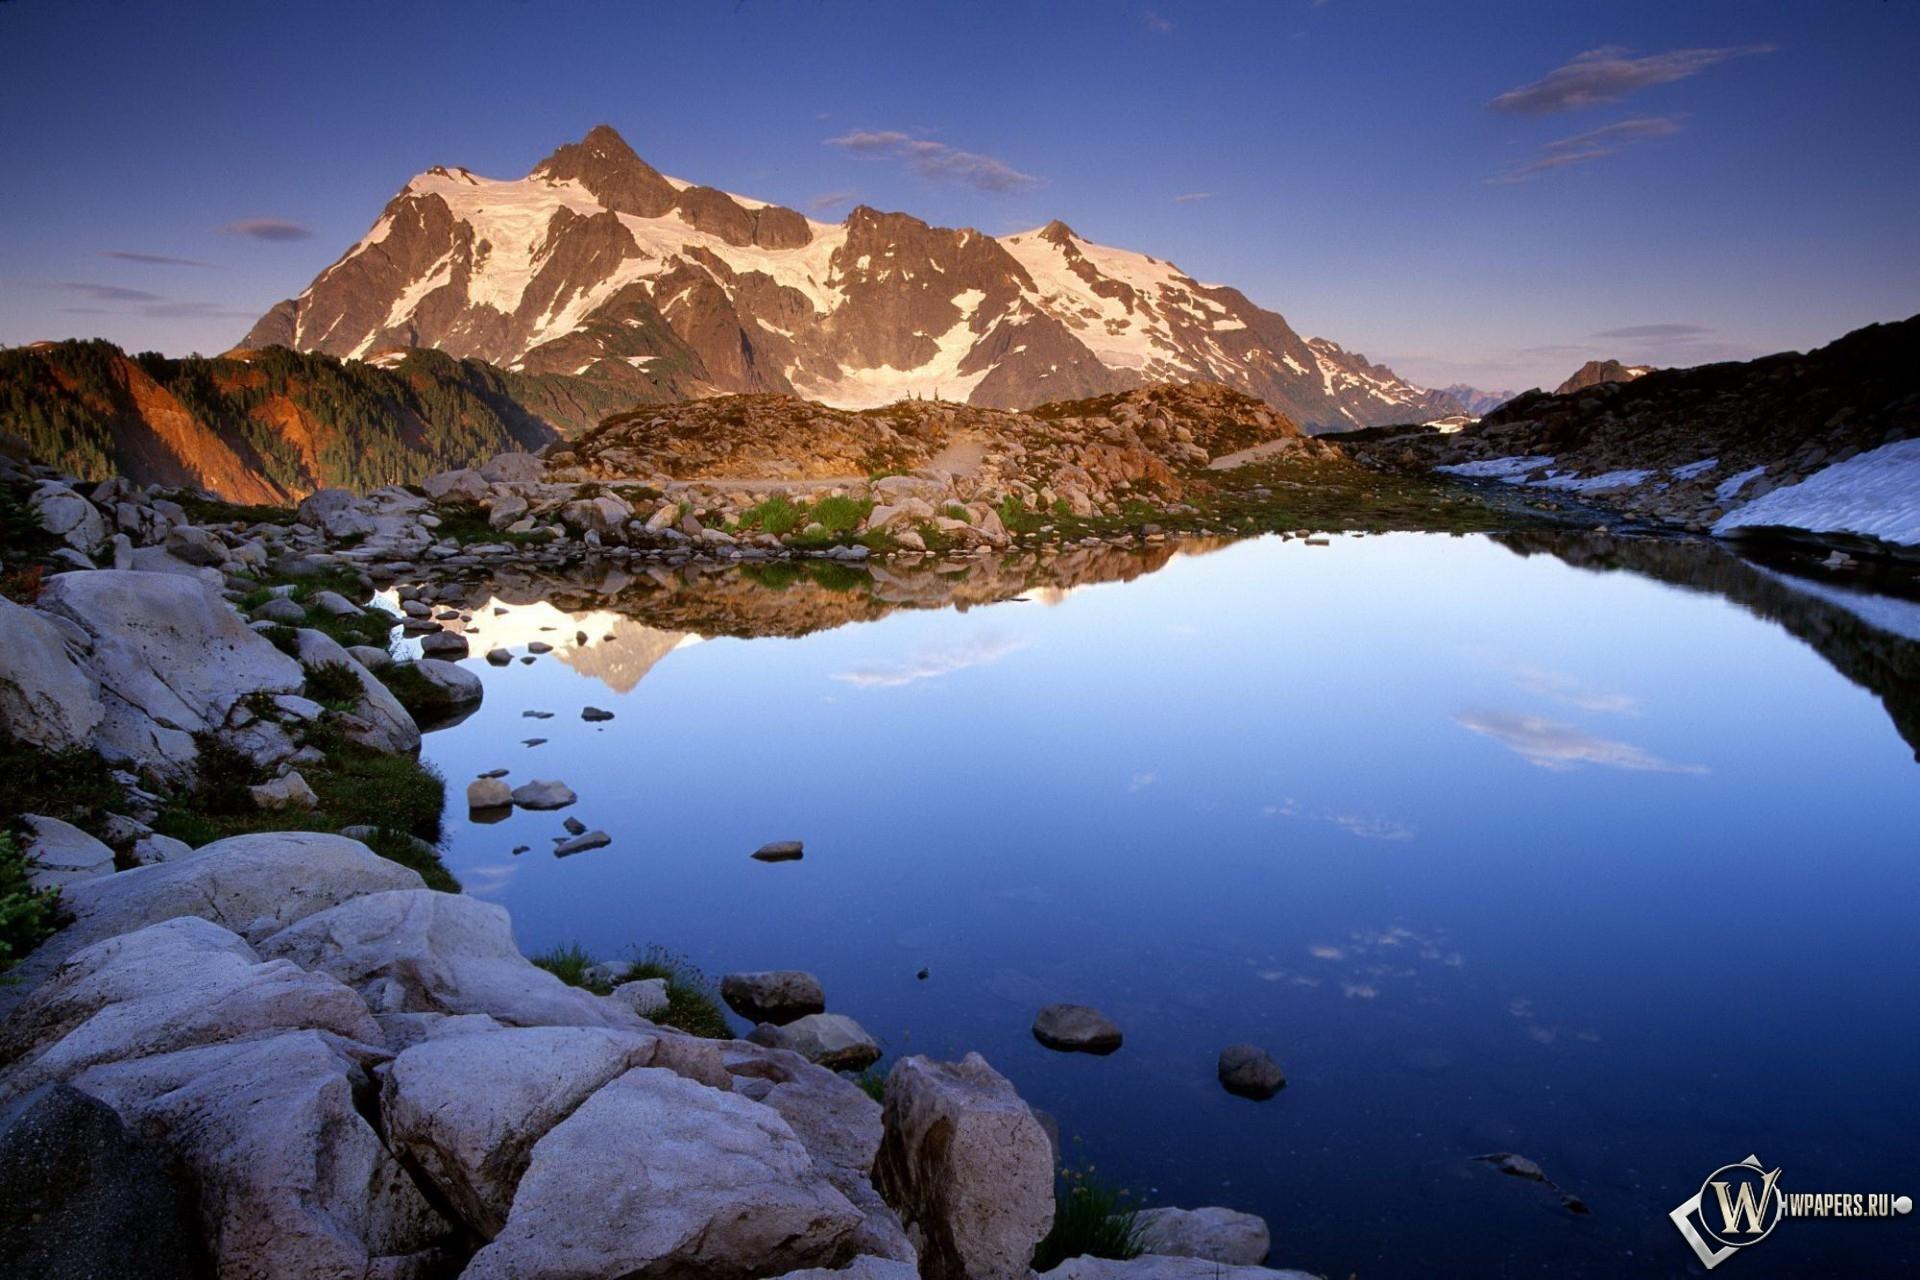 Озеро в горах 1920x1280